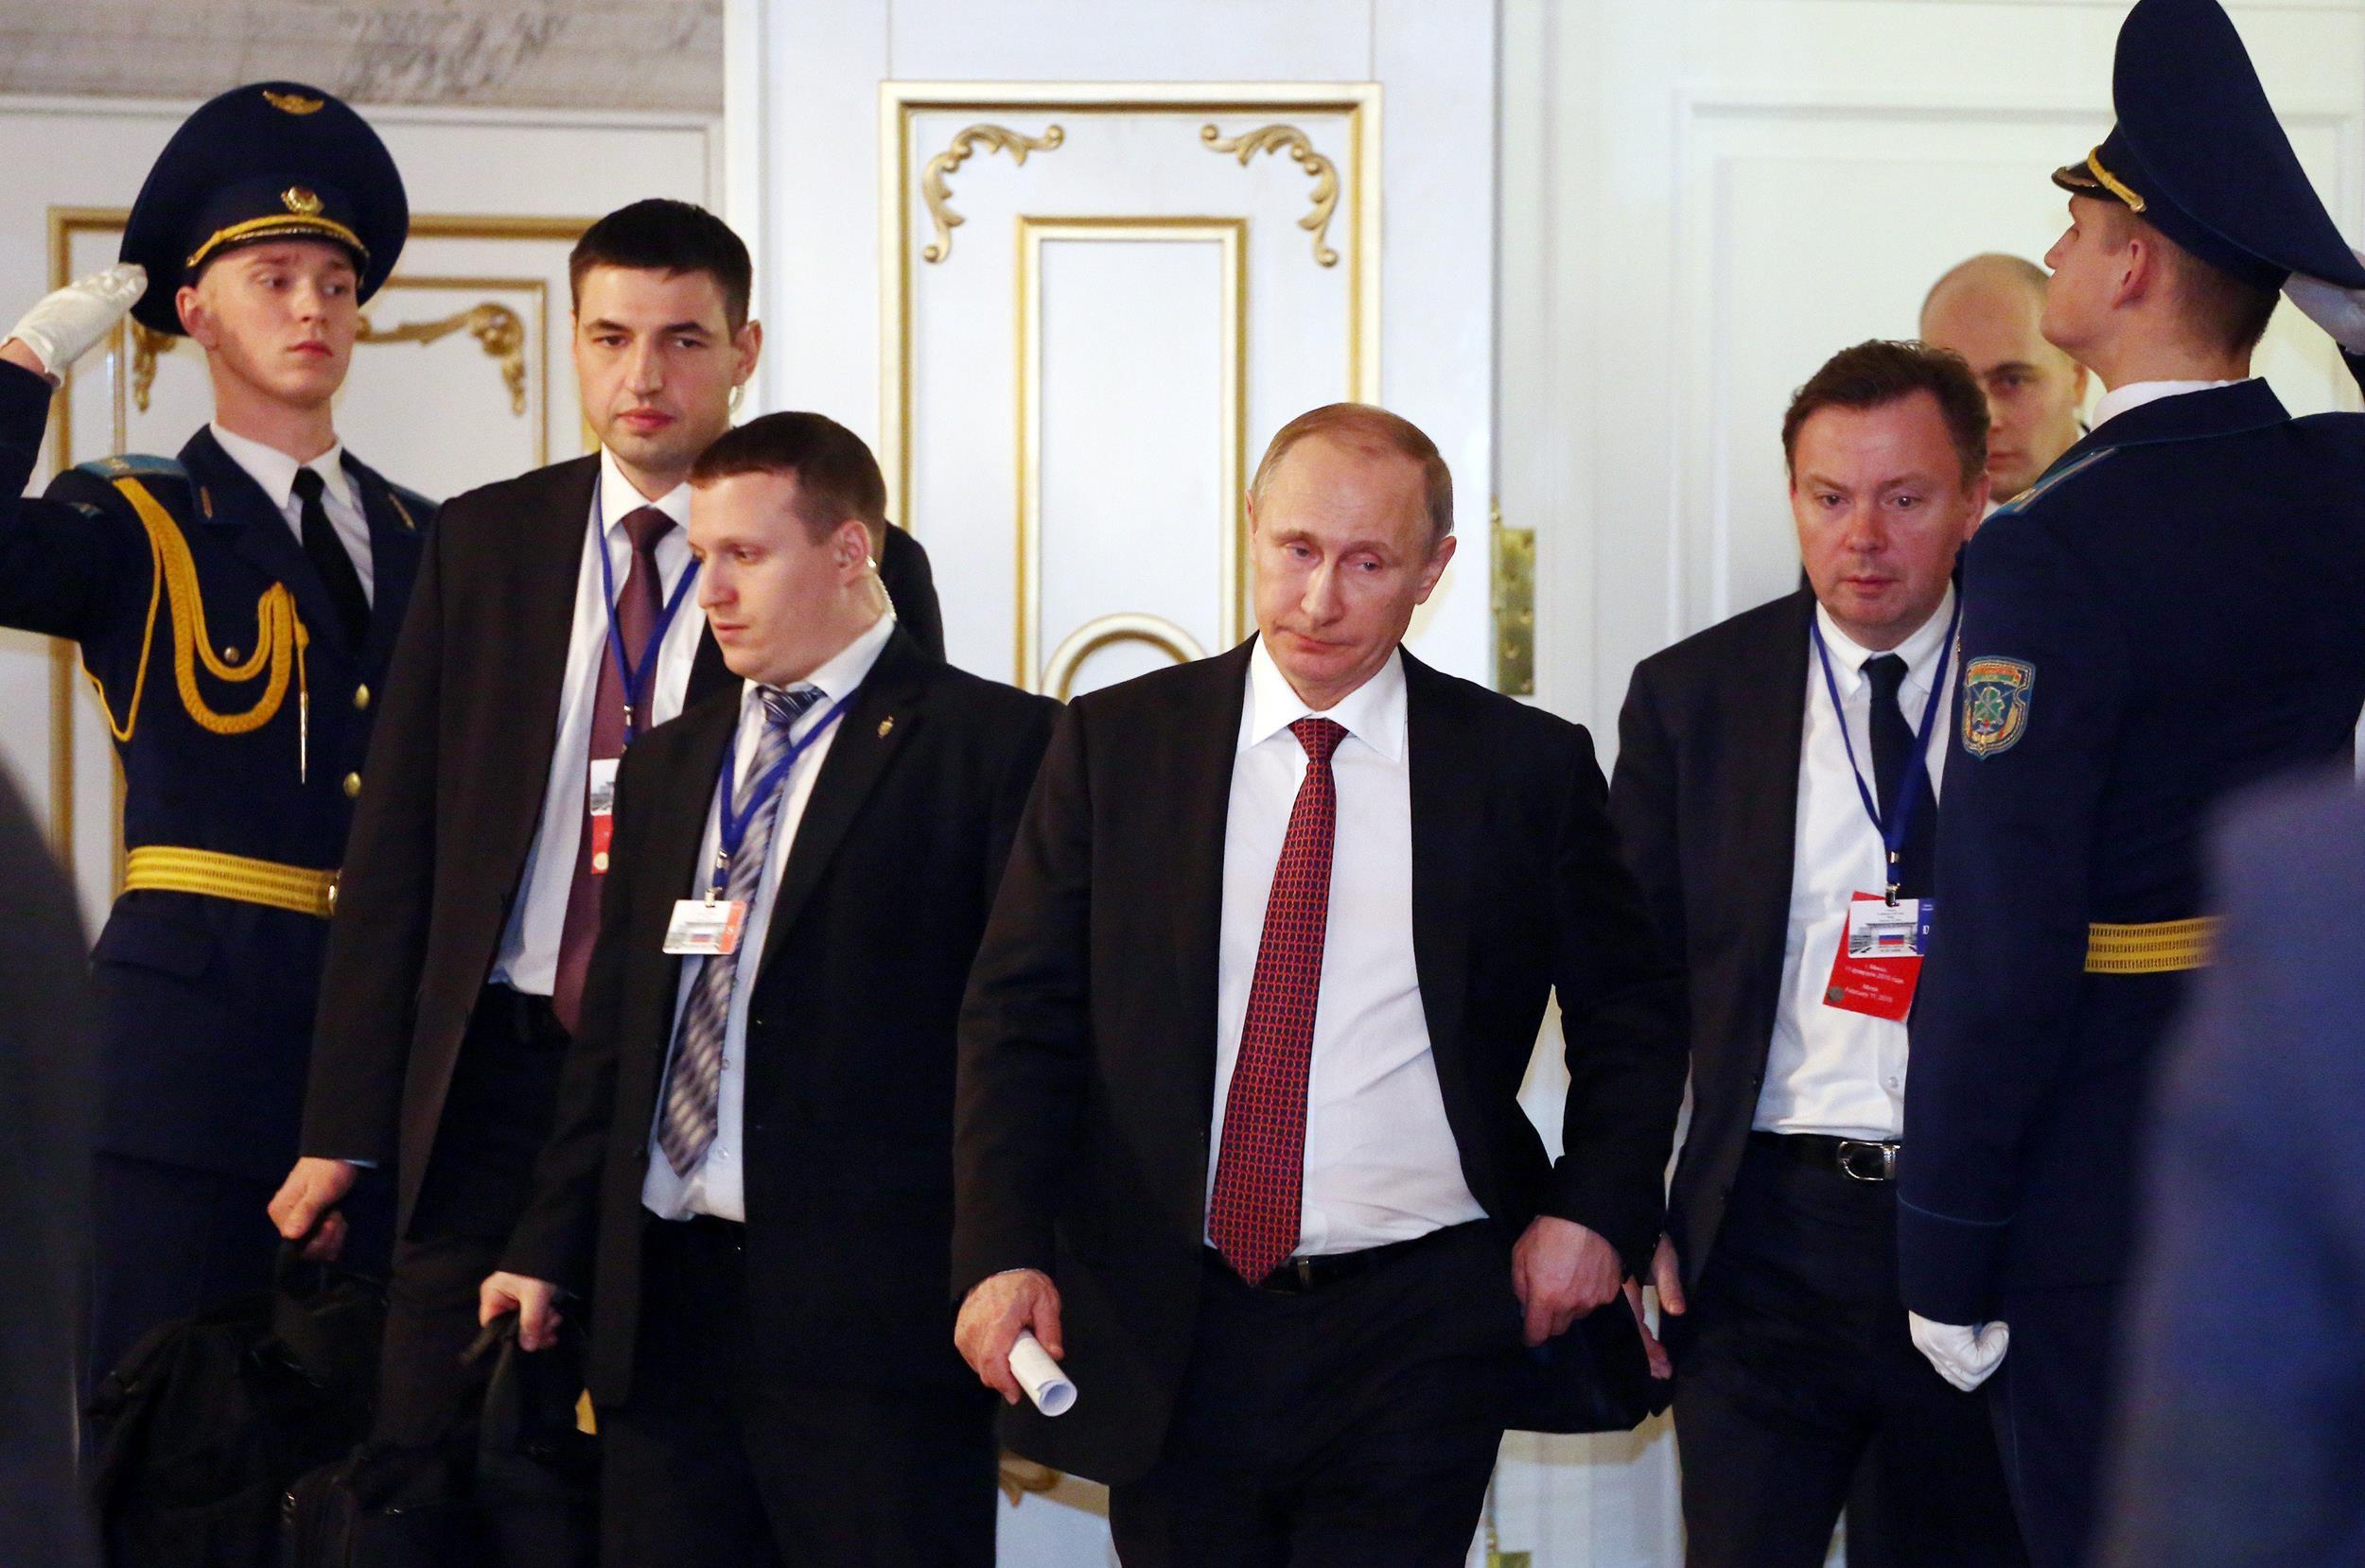 http://media3.s-nbcnews.com/i/newscms/2015_07/887031/150212-putin-minsk-peace-talks-252a_70f4a039691bbd2dfca99383b9151bc4.jpg